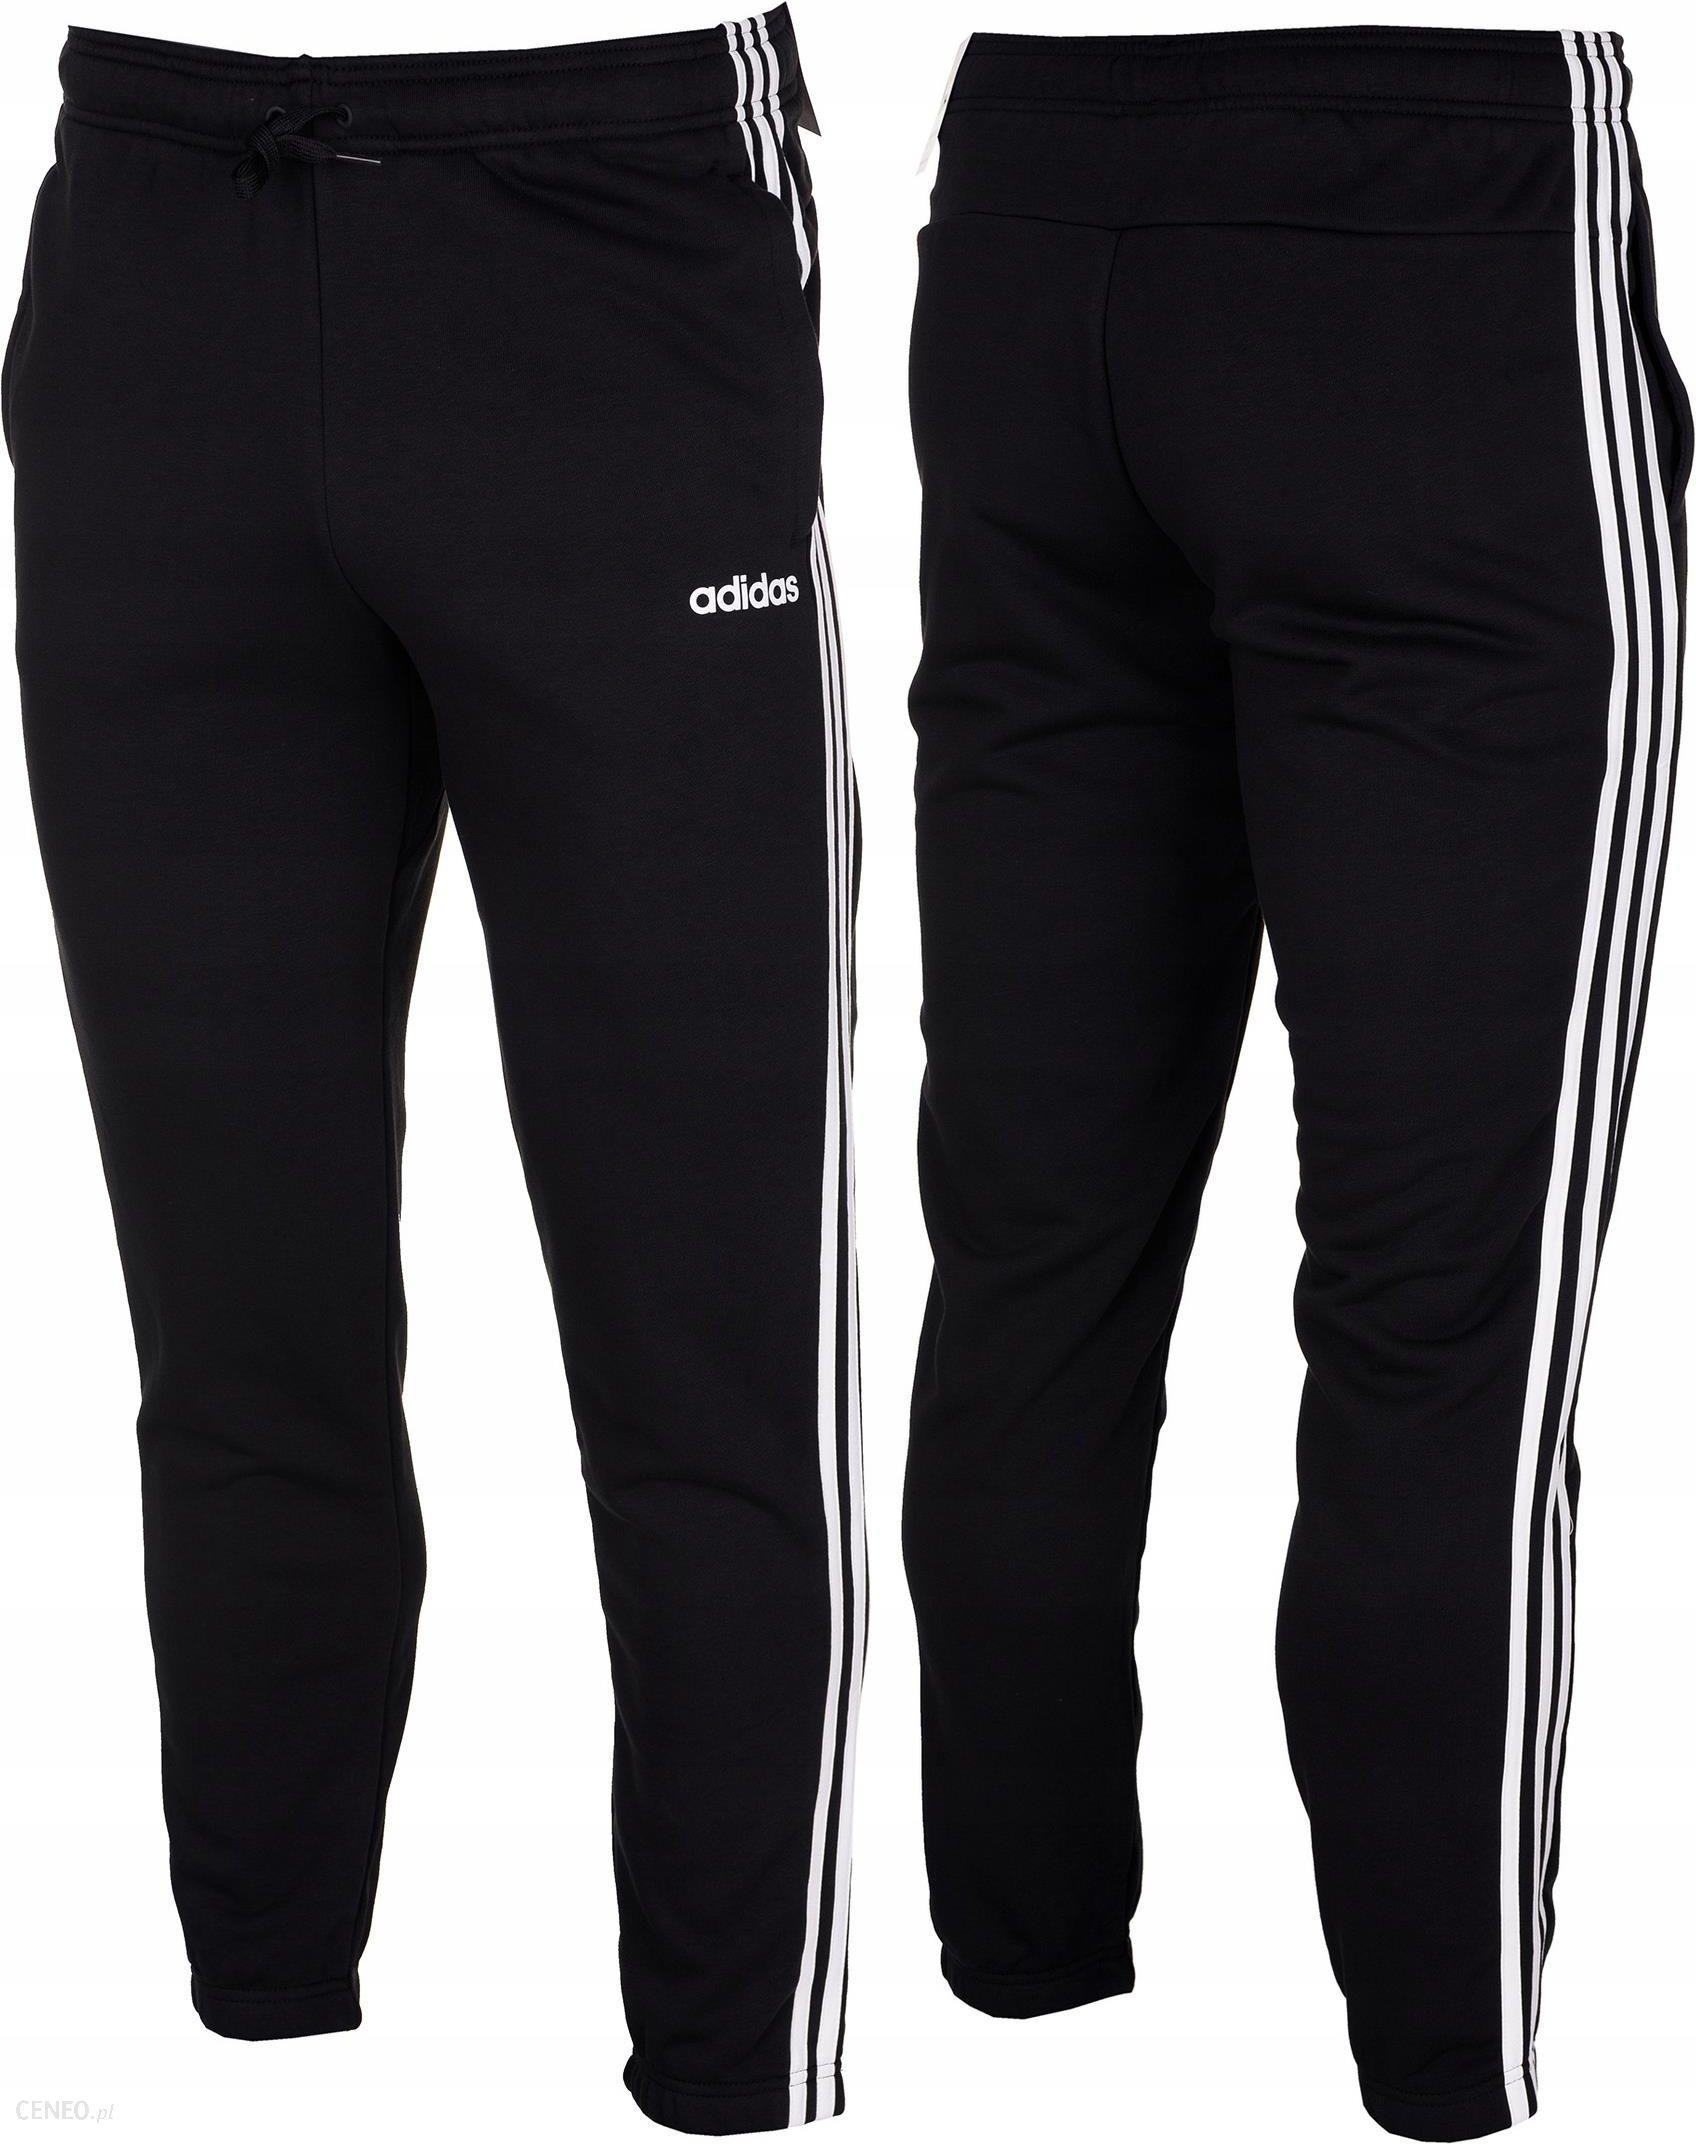 Adidas spodnie dresowe meskie Essentials roz. S Ceny i opinie Ceneo.pl